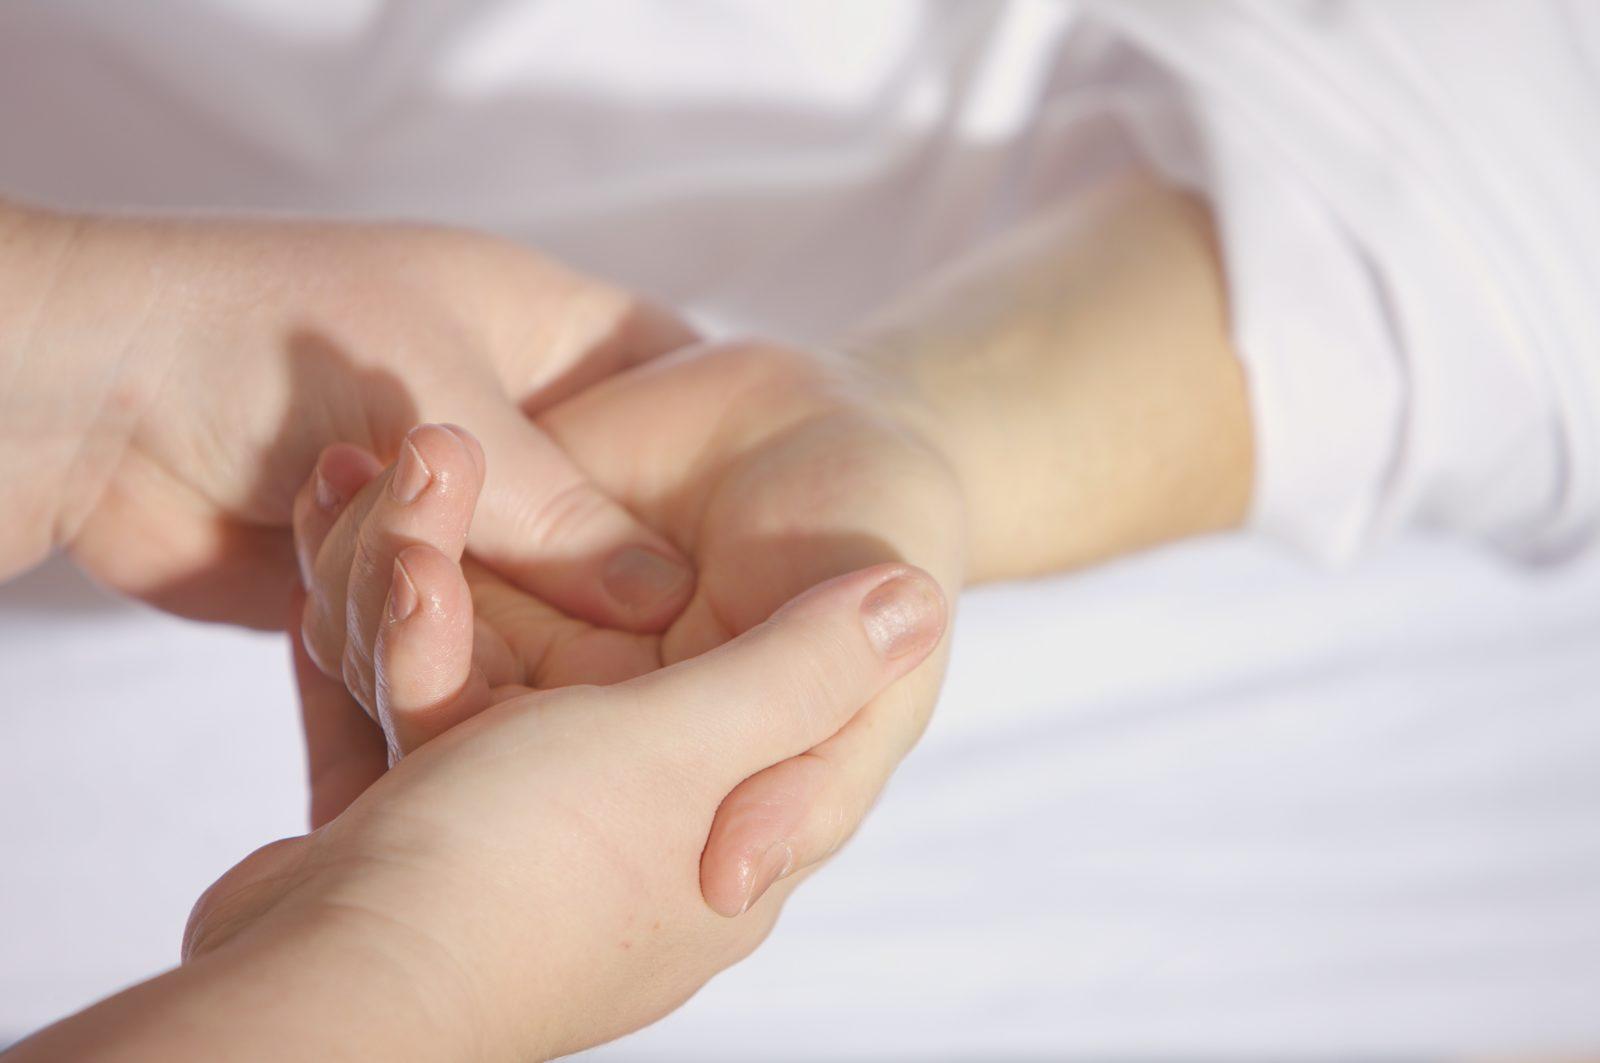 Massage énergétique Reiki réalisé sur une main pour détendre le corps et retrouver le bien-être. Le maître de Reiki exerce une pression avec son pouce dans la paume de la main du consultant.